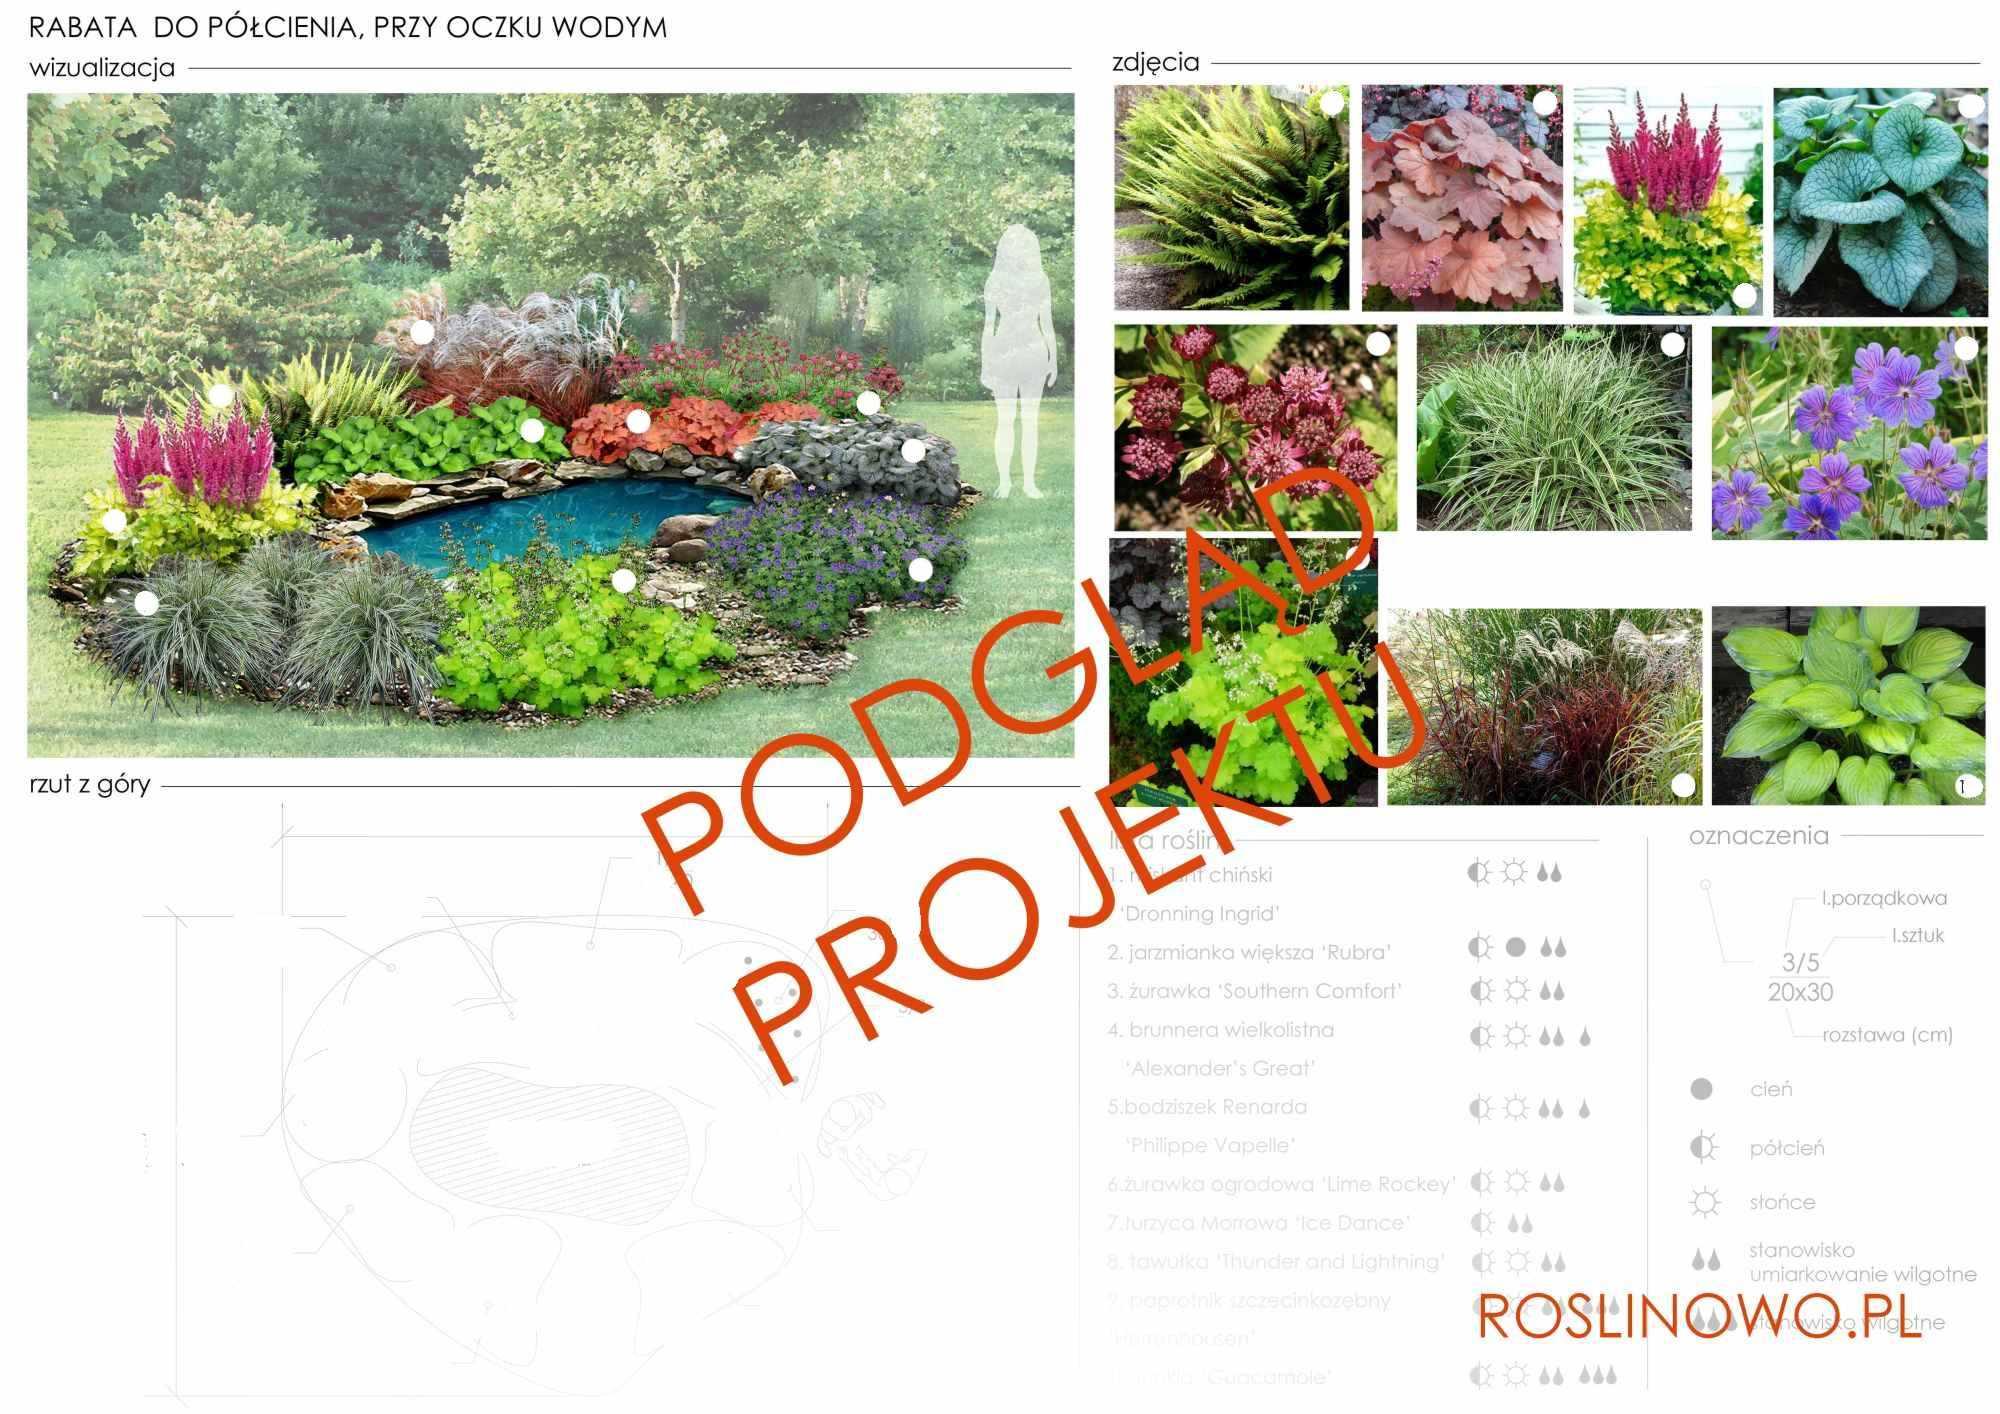 projekt nasadzeń roślin rabaty - aranżacja przy oczku wodnym